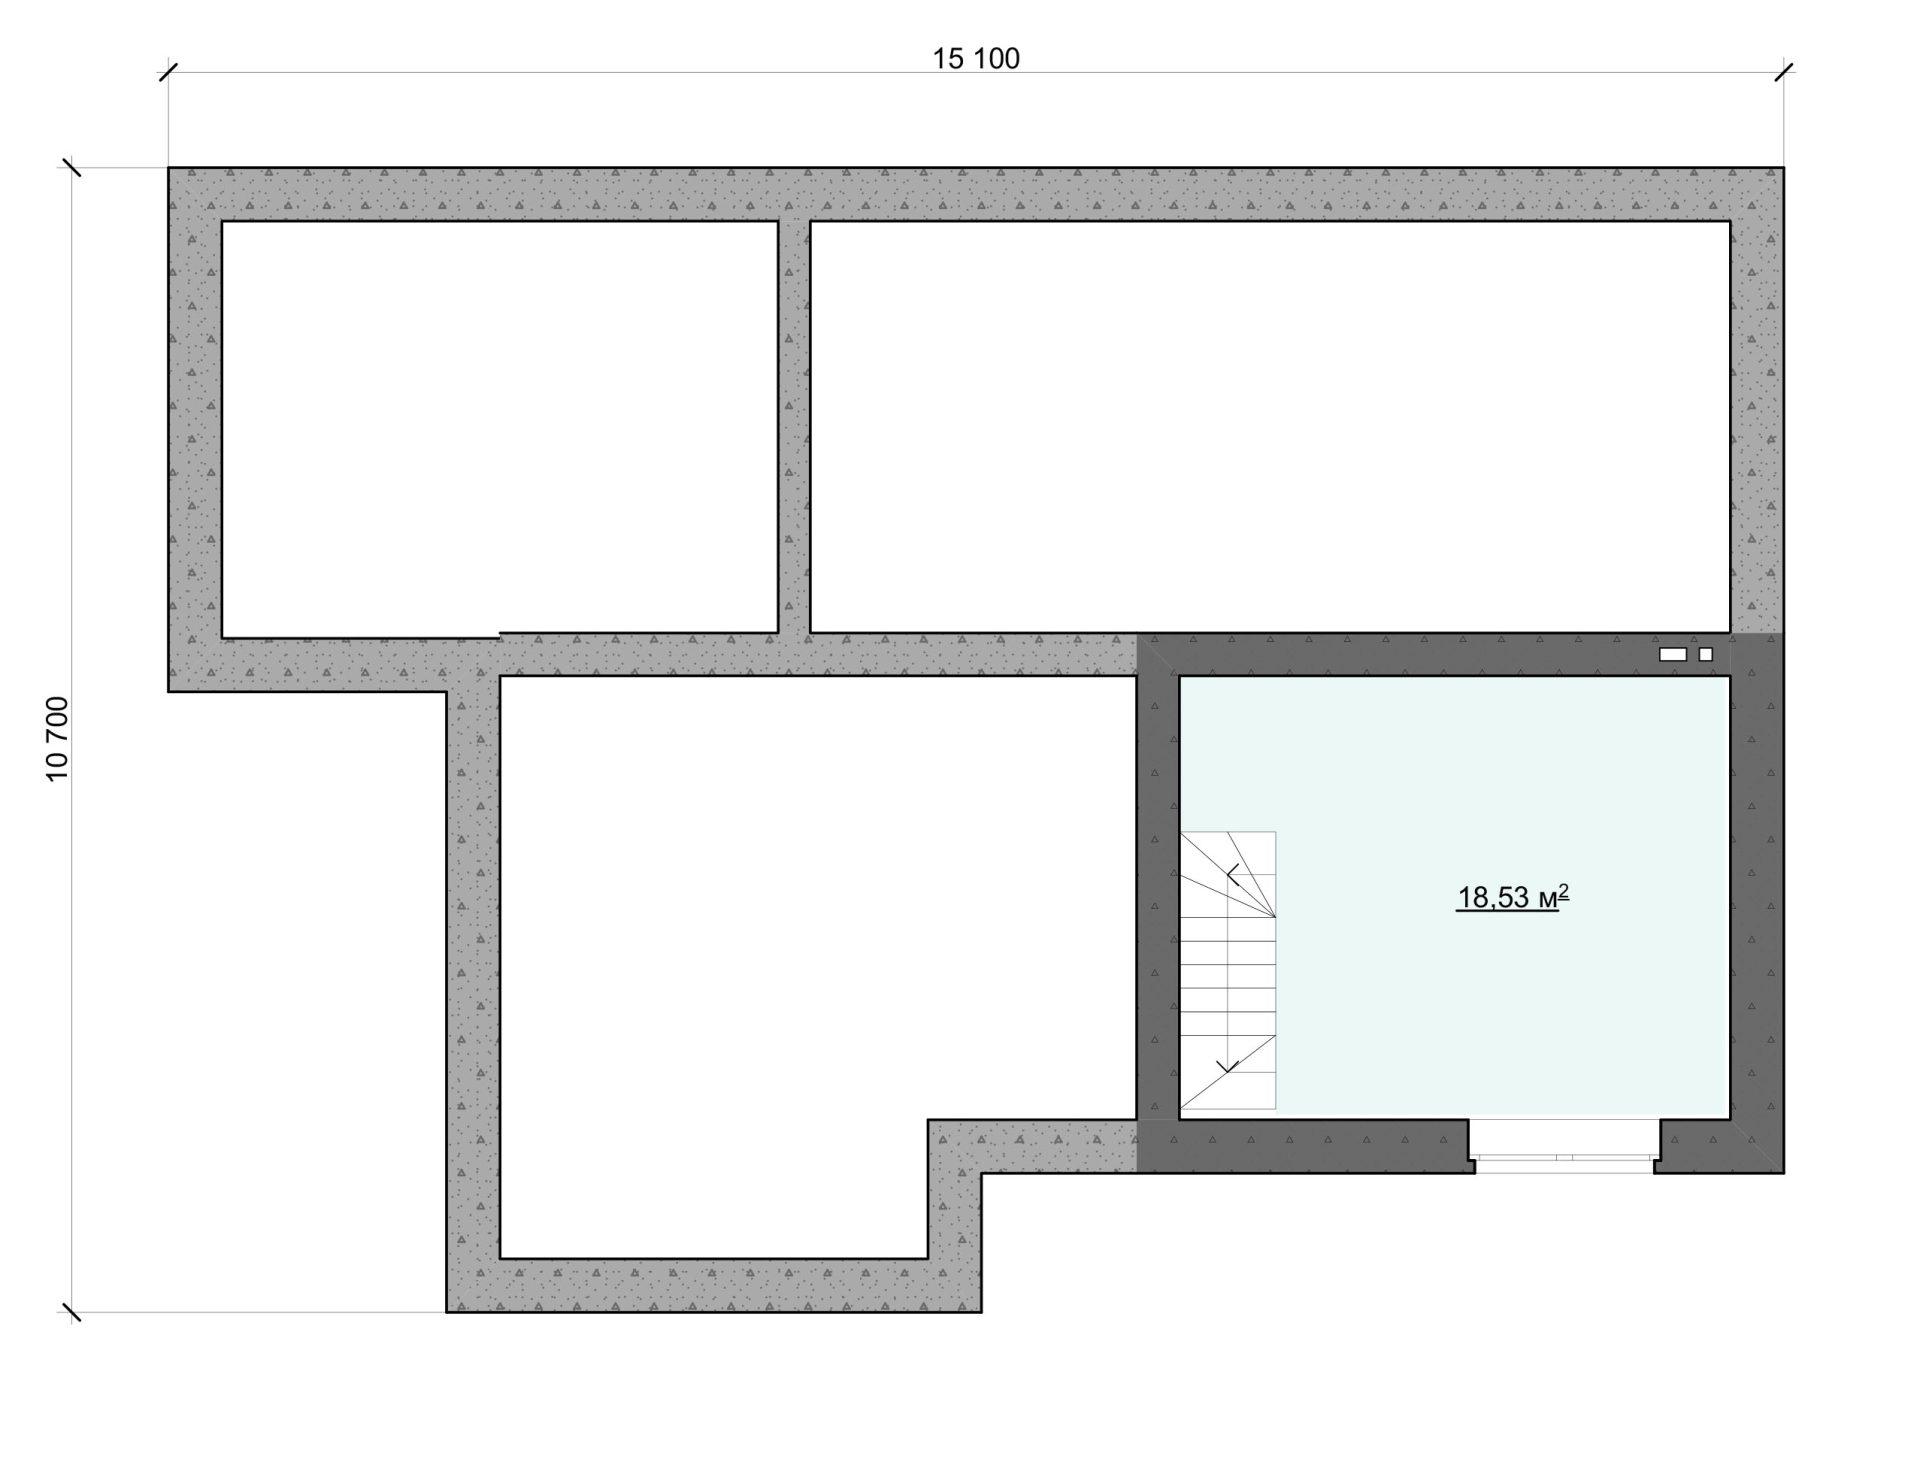 Проект одноэтажного дома с цоколем и большим окном